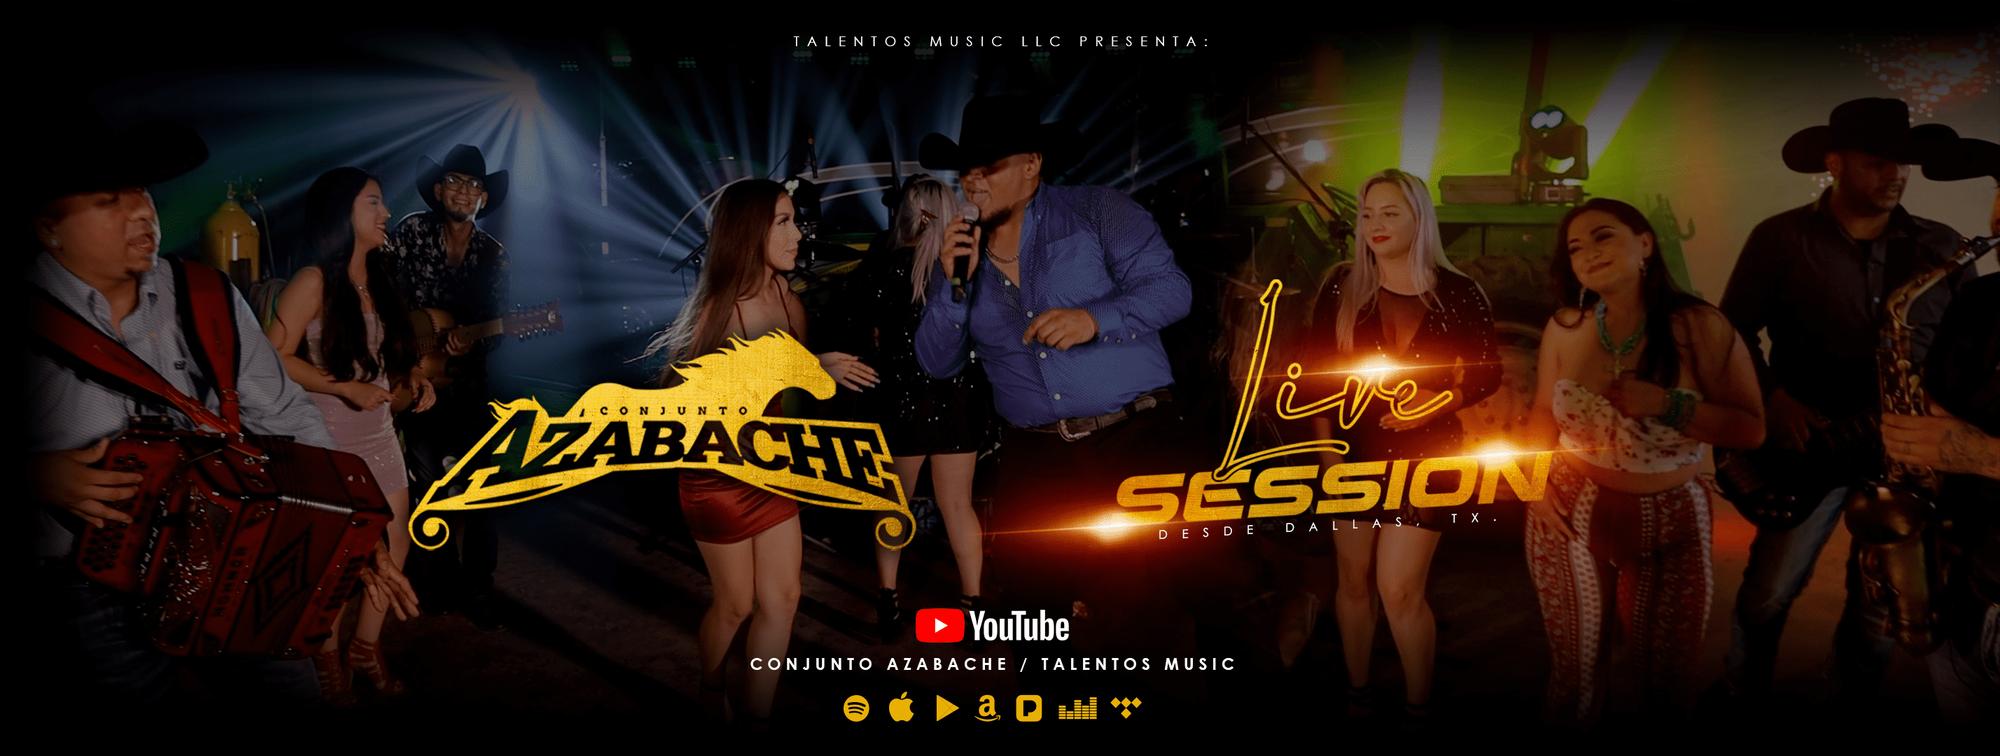 """Lanzamiento de Estreno - Mira Aquí """"Conjunto Azabache"""" Live Session Desde Dallas, Tx., ya disponible en Youtube y Plataformas Digitales."""